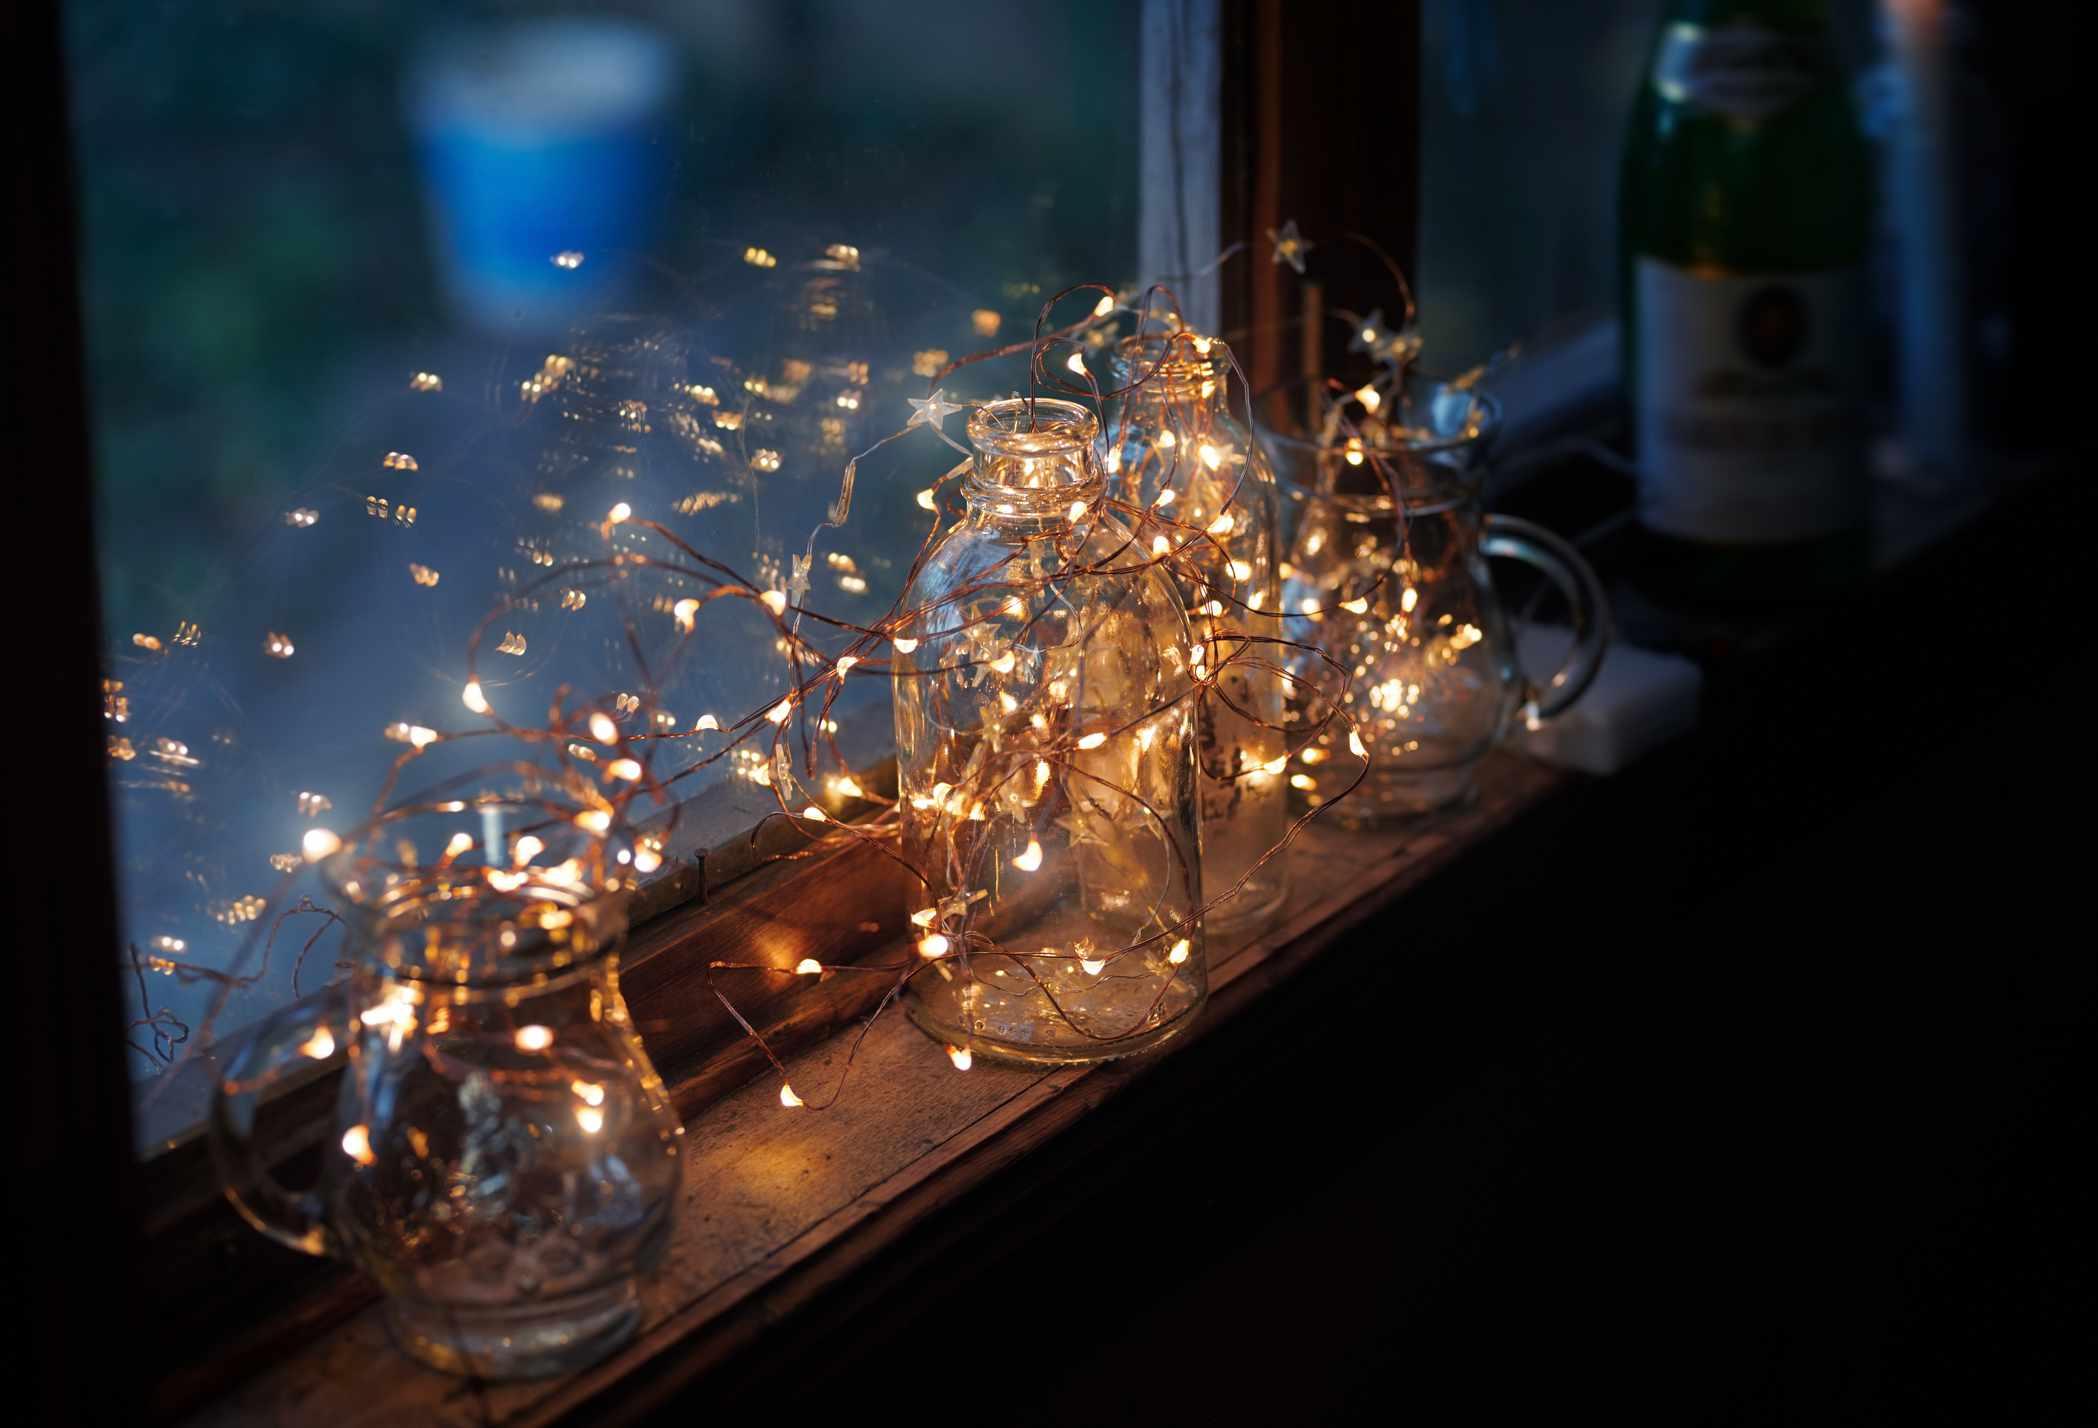 alféizar de la ventana decorado con cristalería y luces navideñas